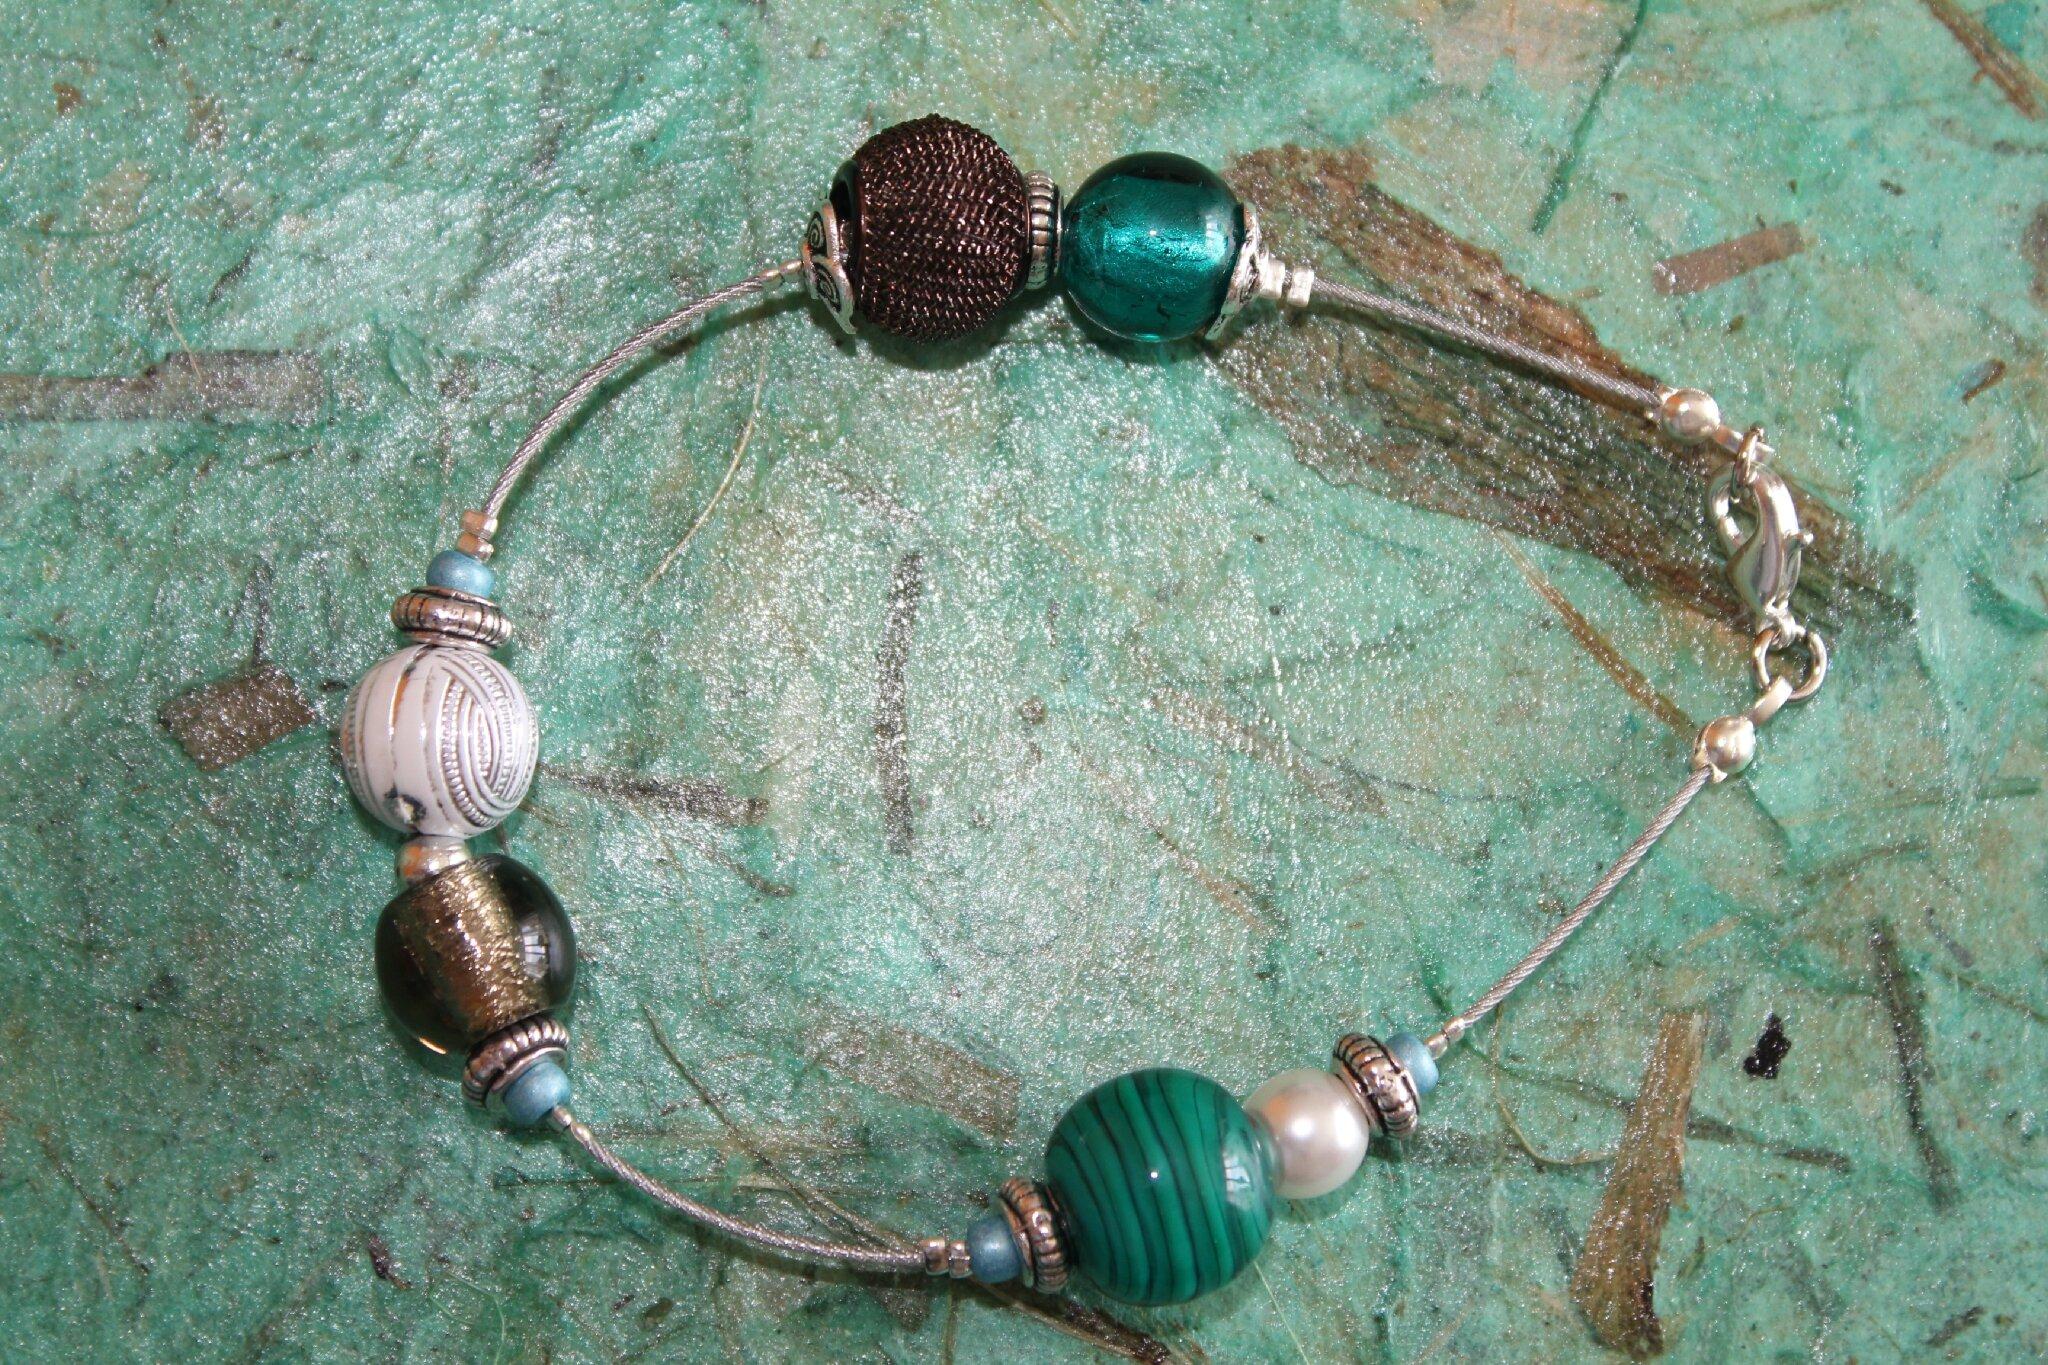 Bracelet 23 cm pas pour les petits poignets ... D'autres à venir et d'autres disponibles !